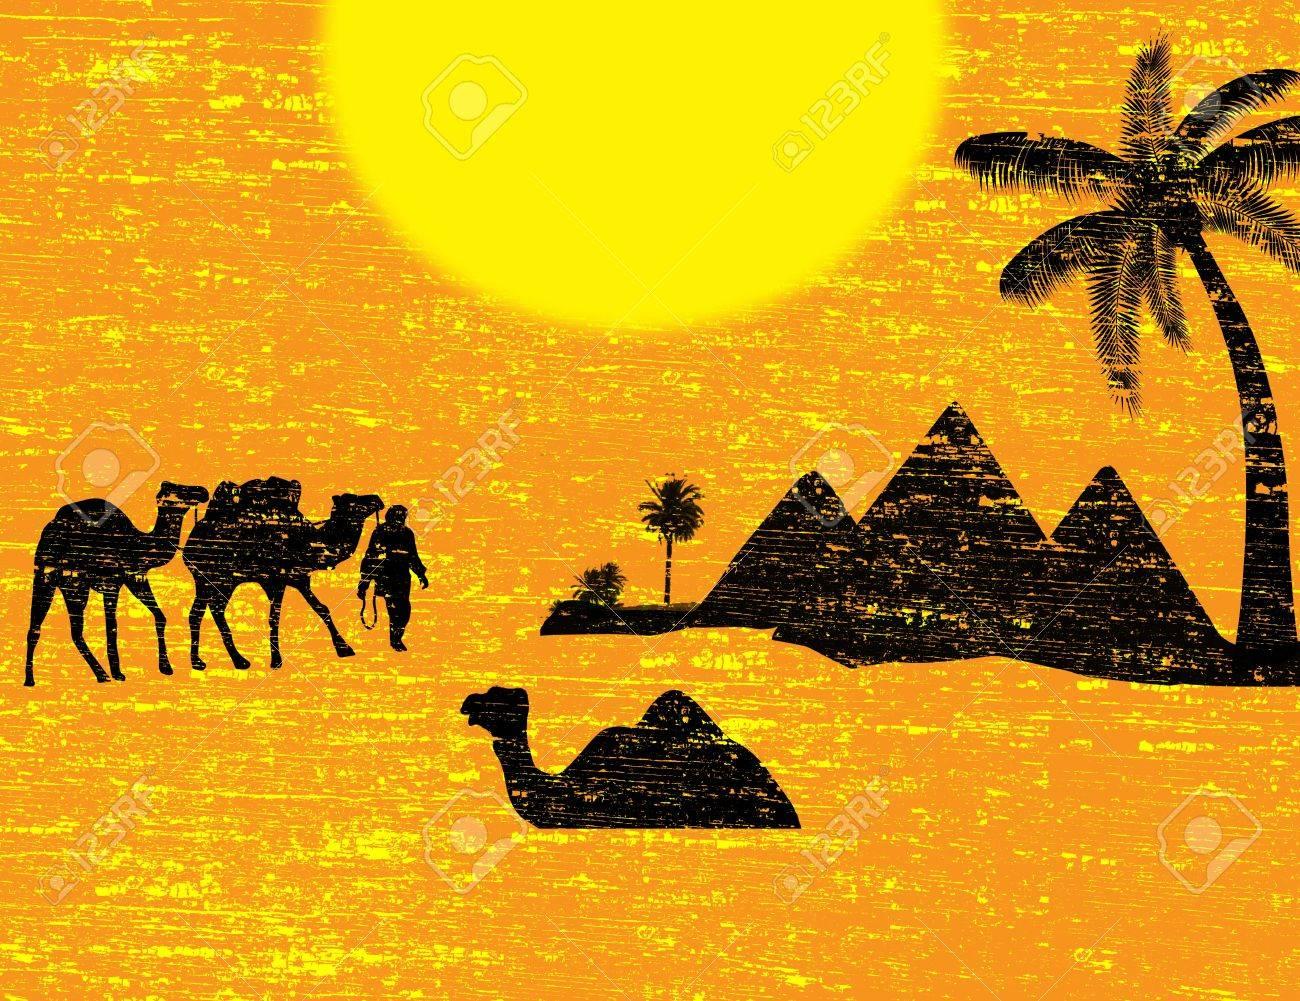 Bedouin camel caravan in wild africa landscape, vector illustration Stock Vector - 17274762